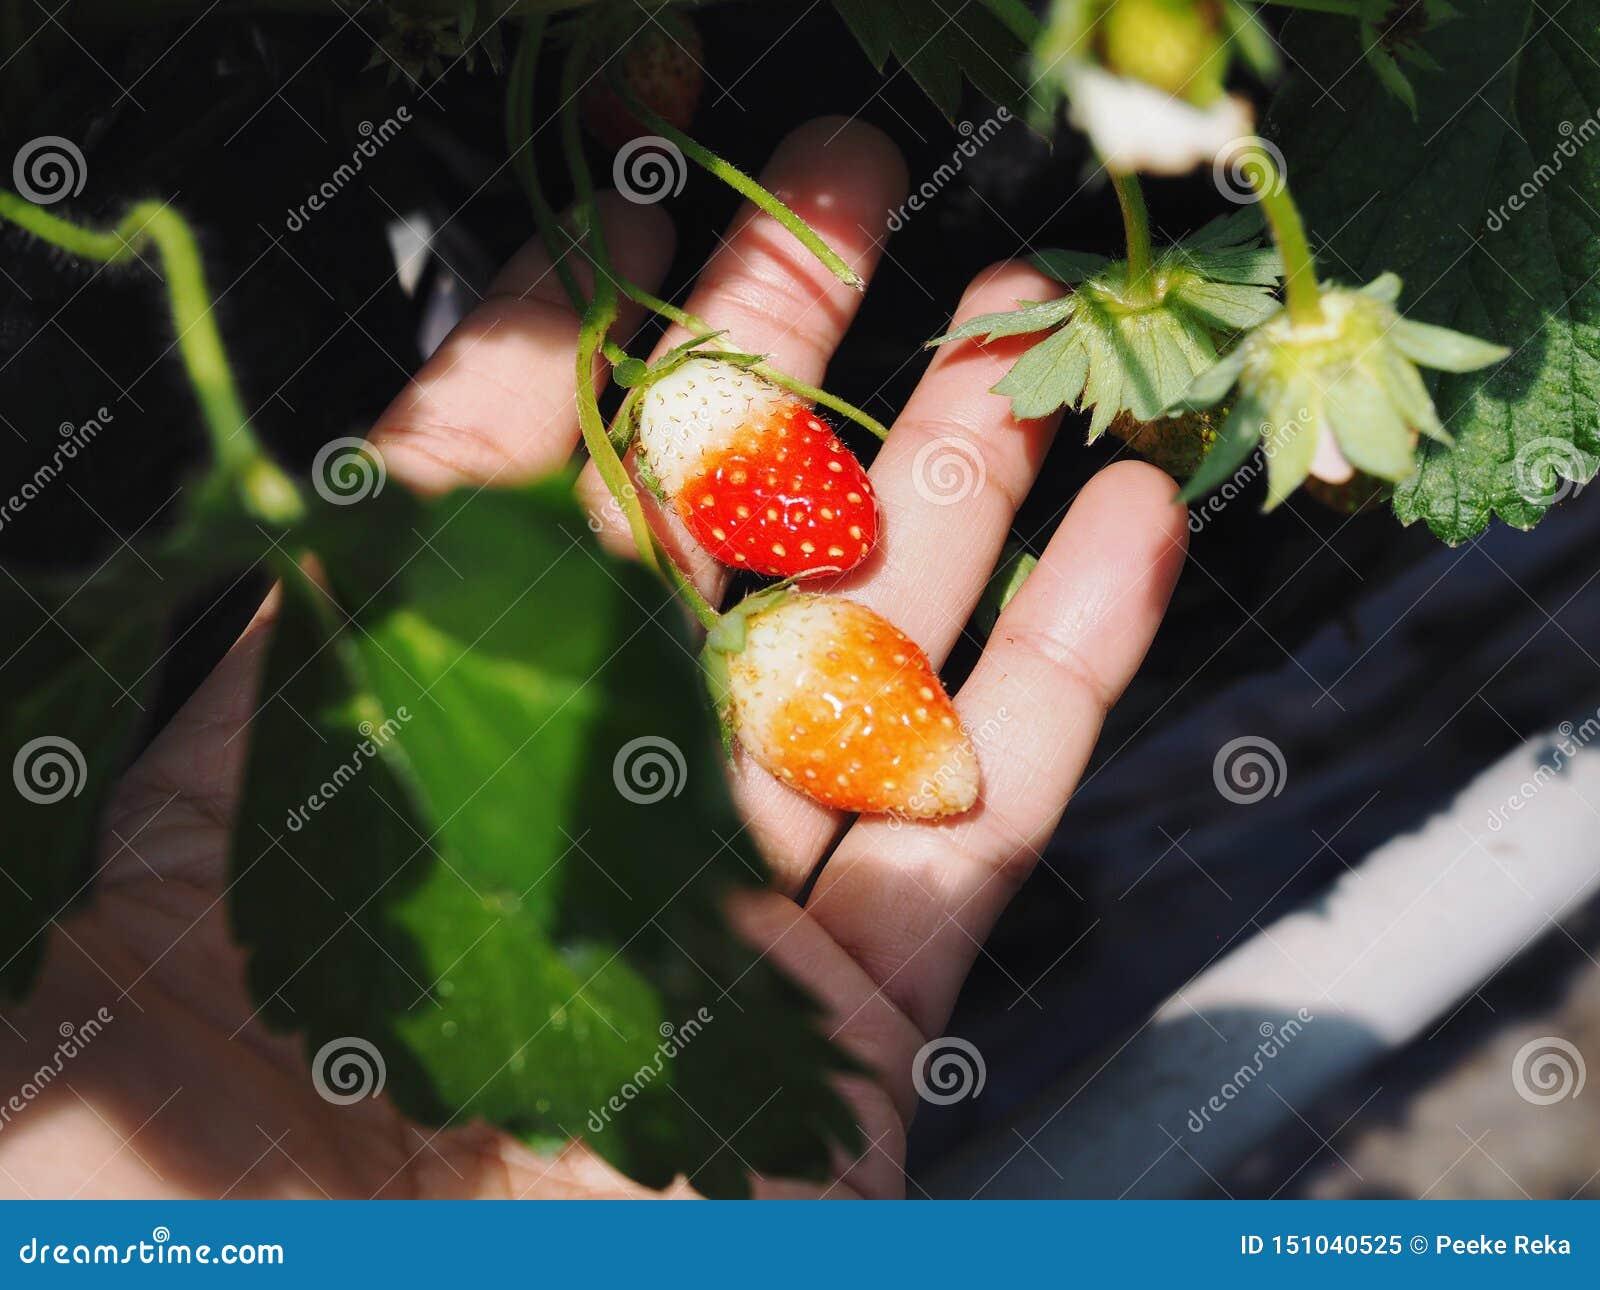 Minierdbeere in der Hand